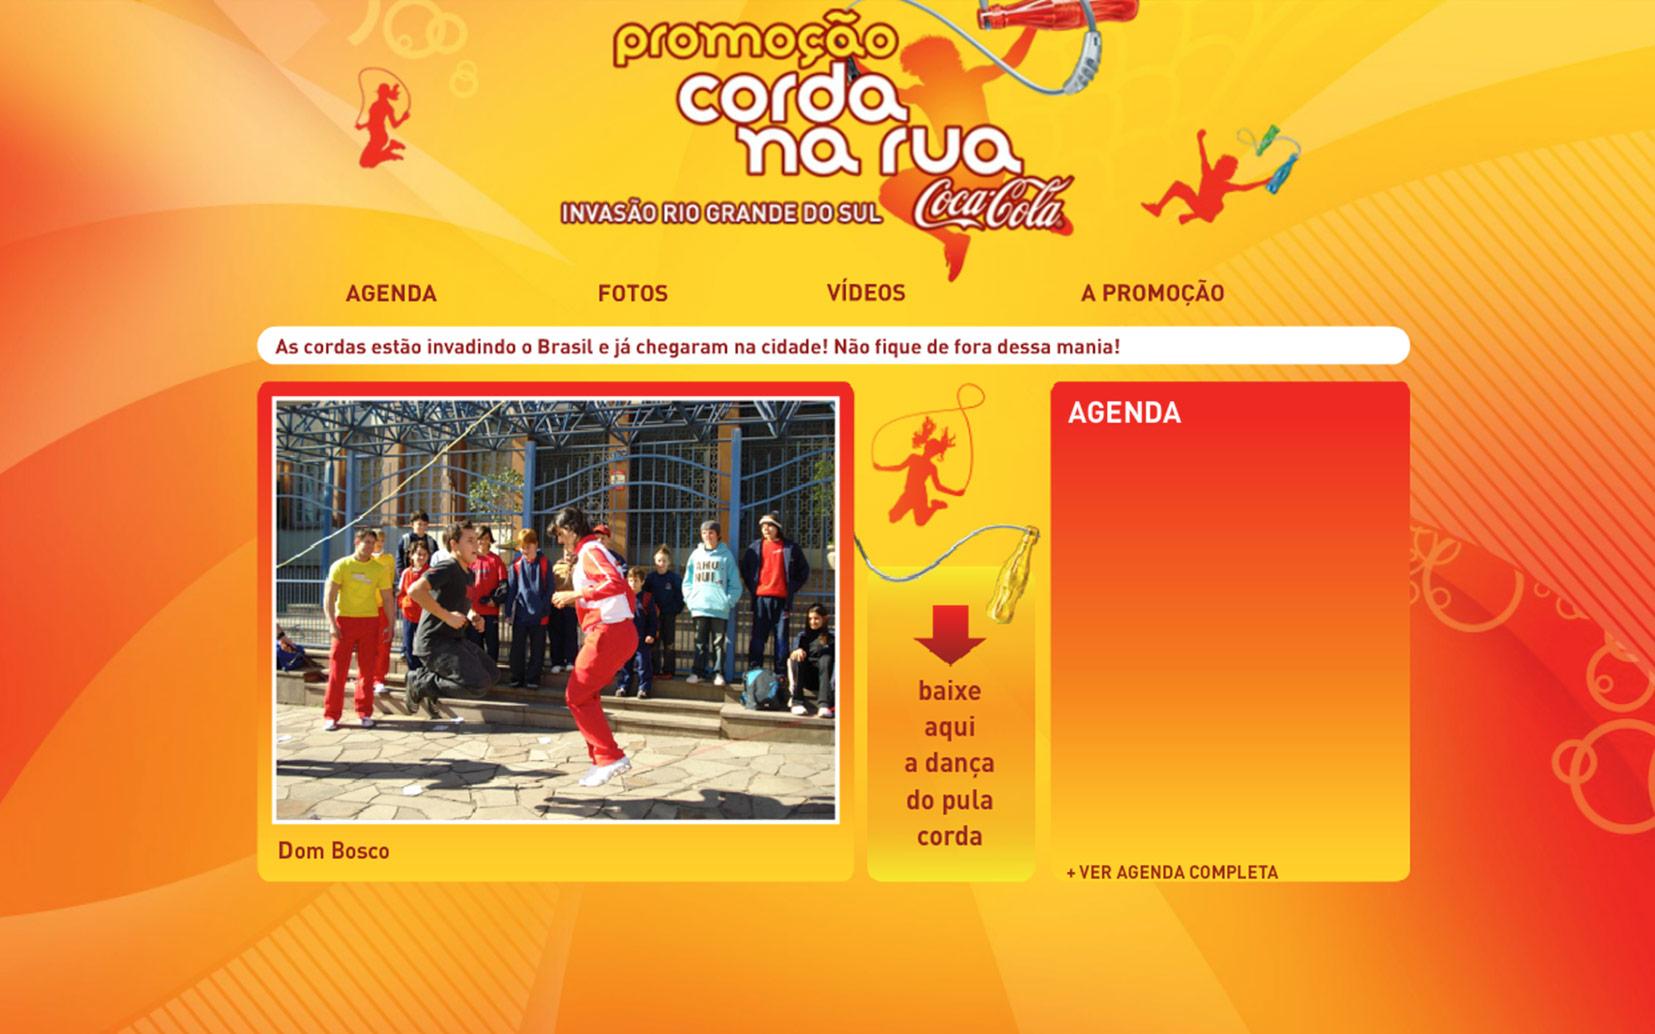 Coca-Cola   Corda na Rua